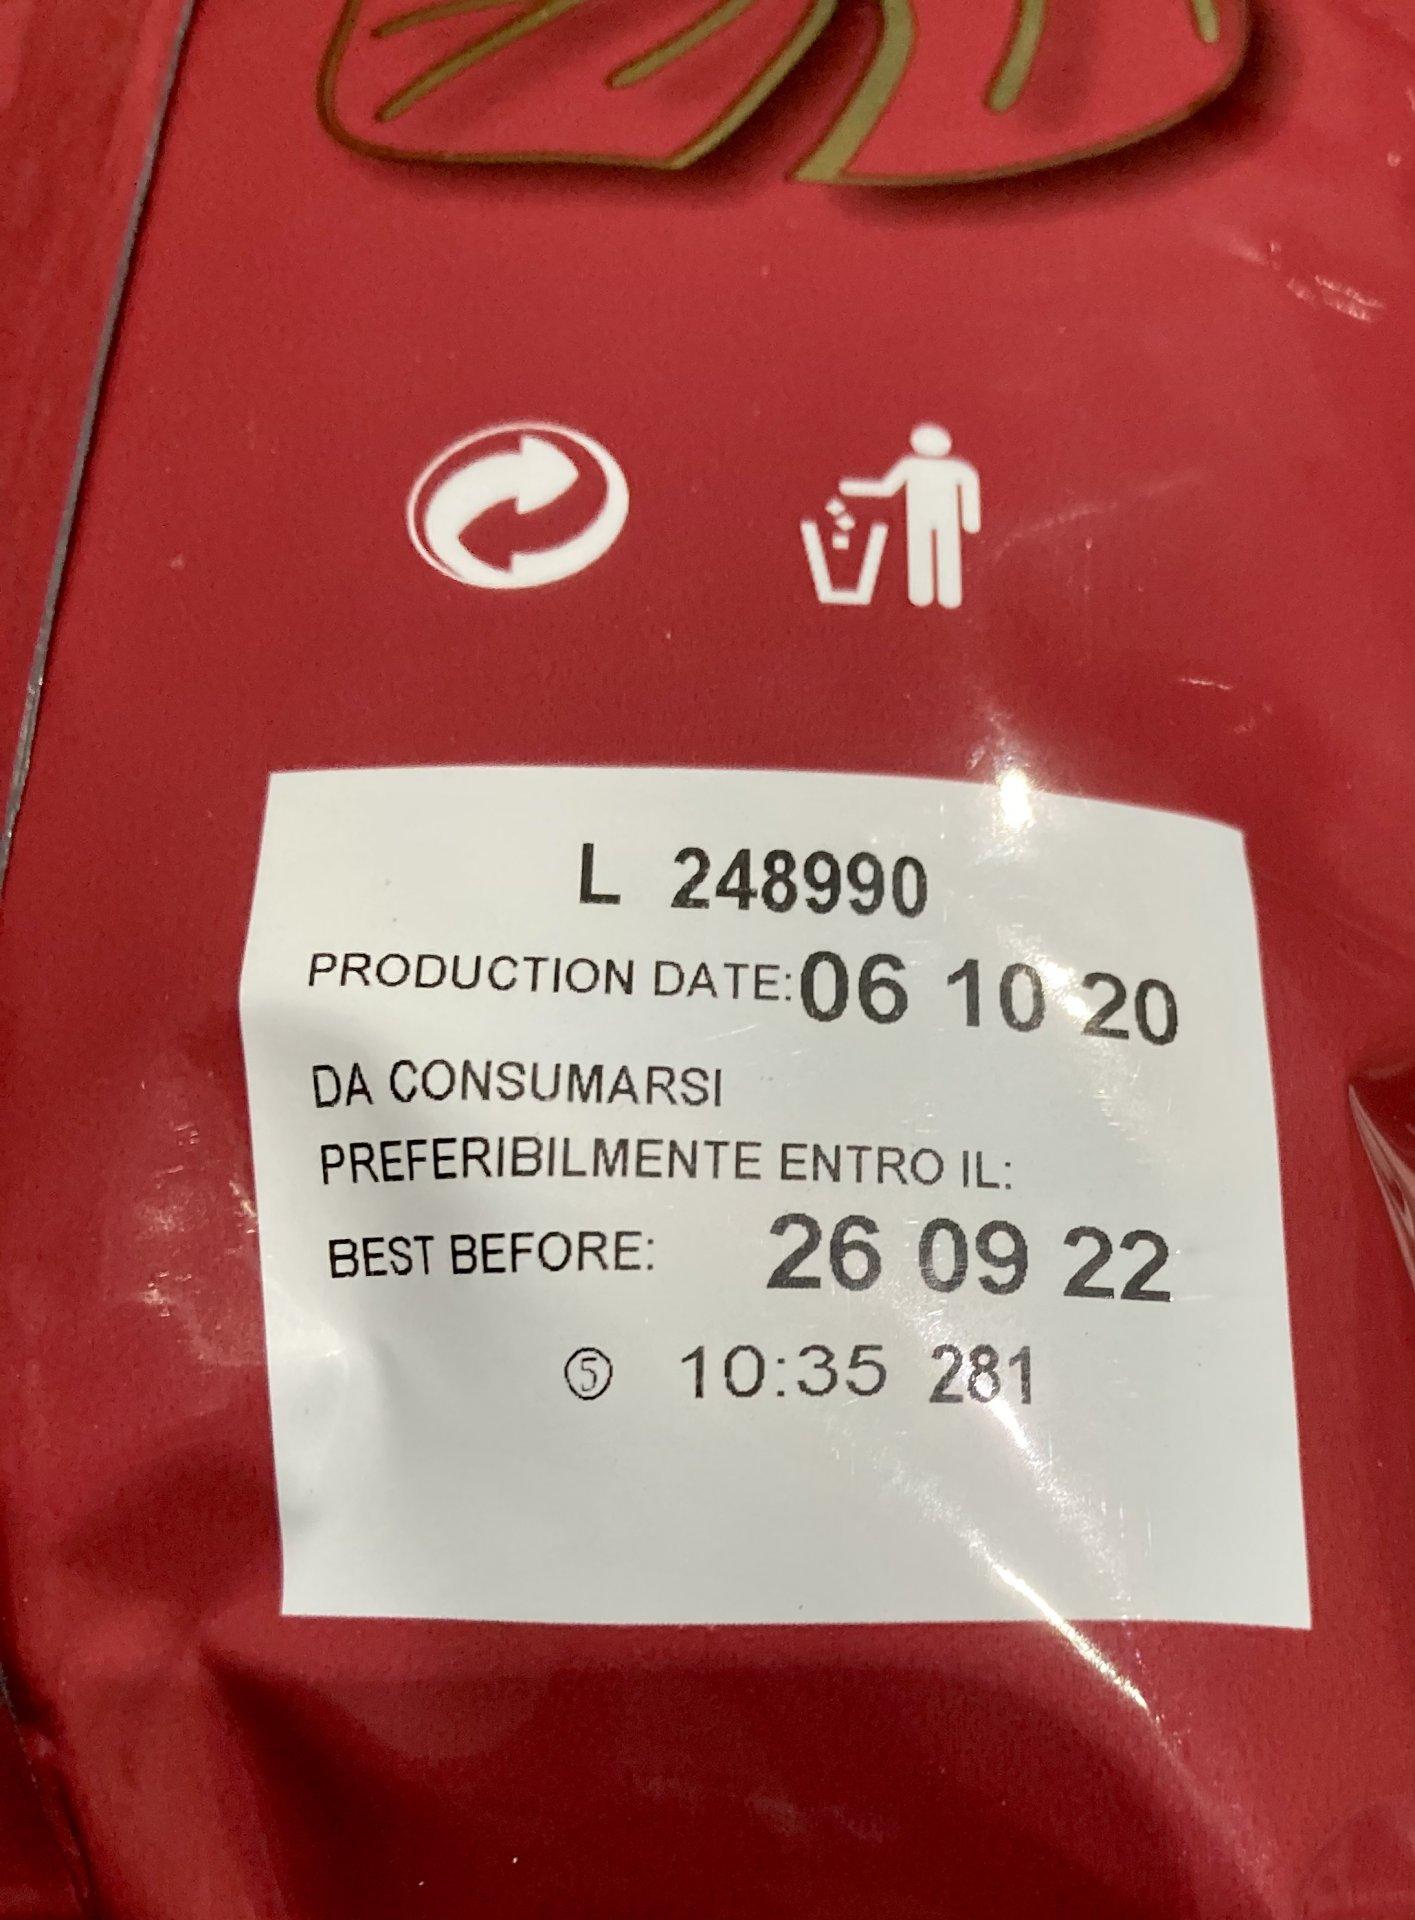 332B6744-A51D-4D5B-9B52-11A8E3154EEB.jpeg